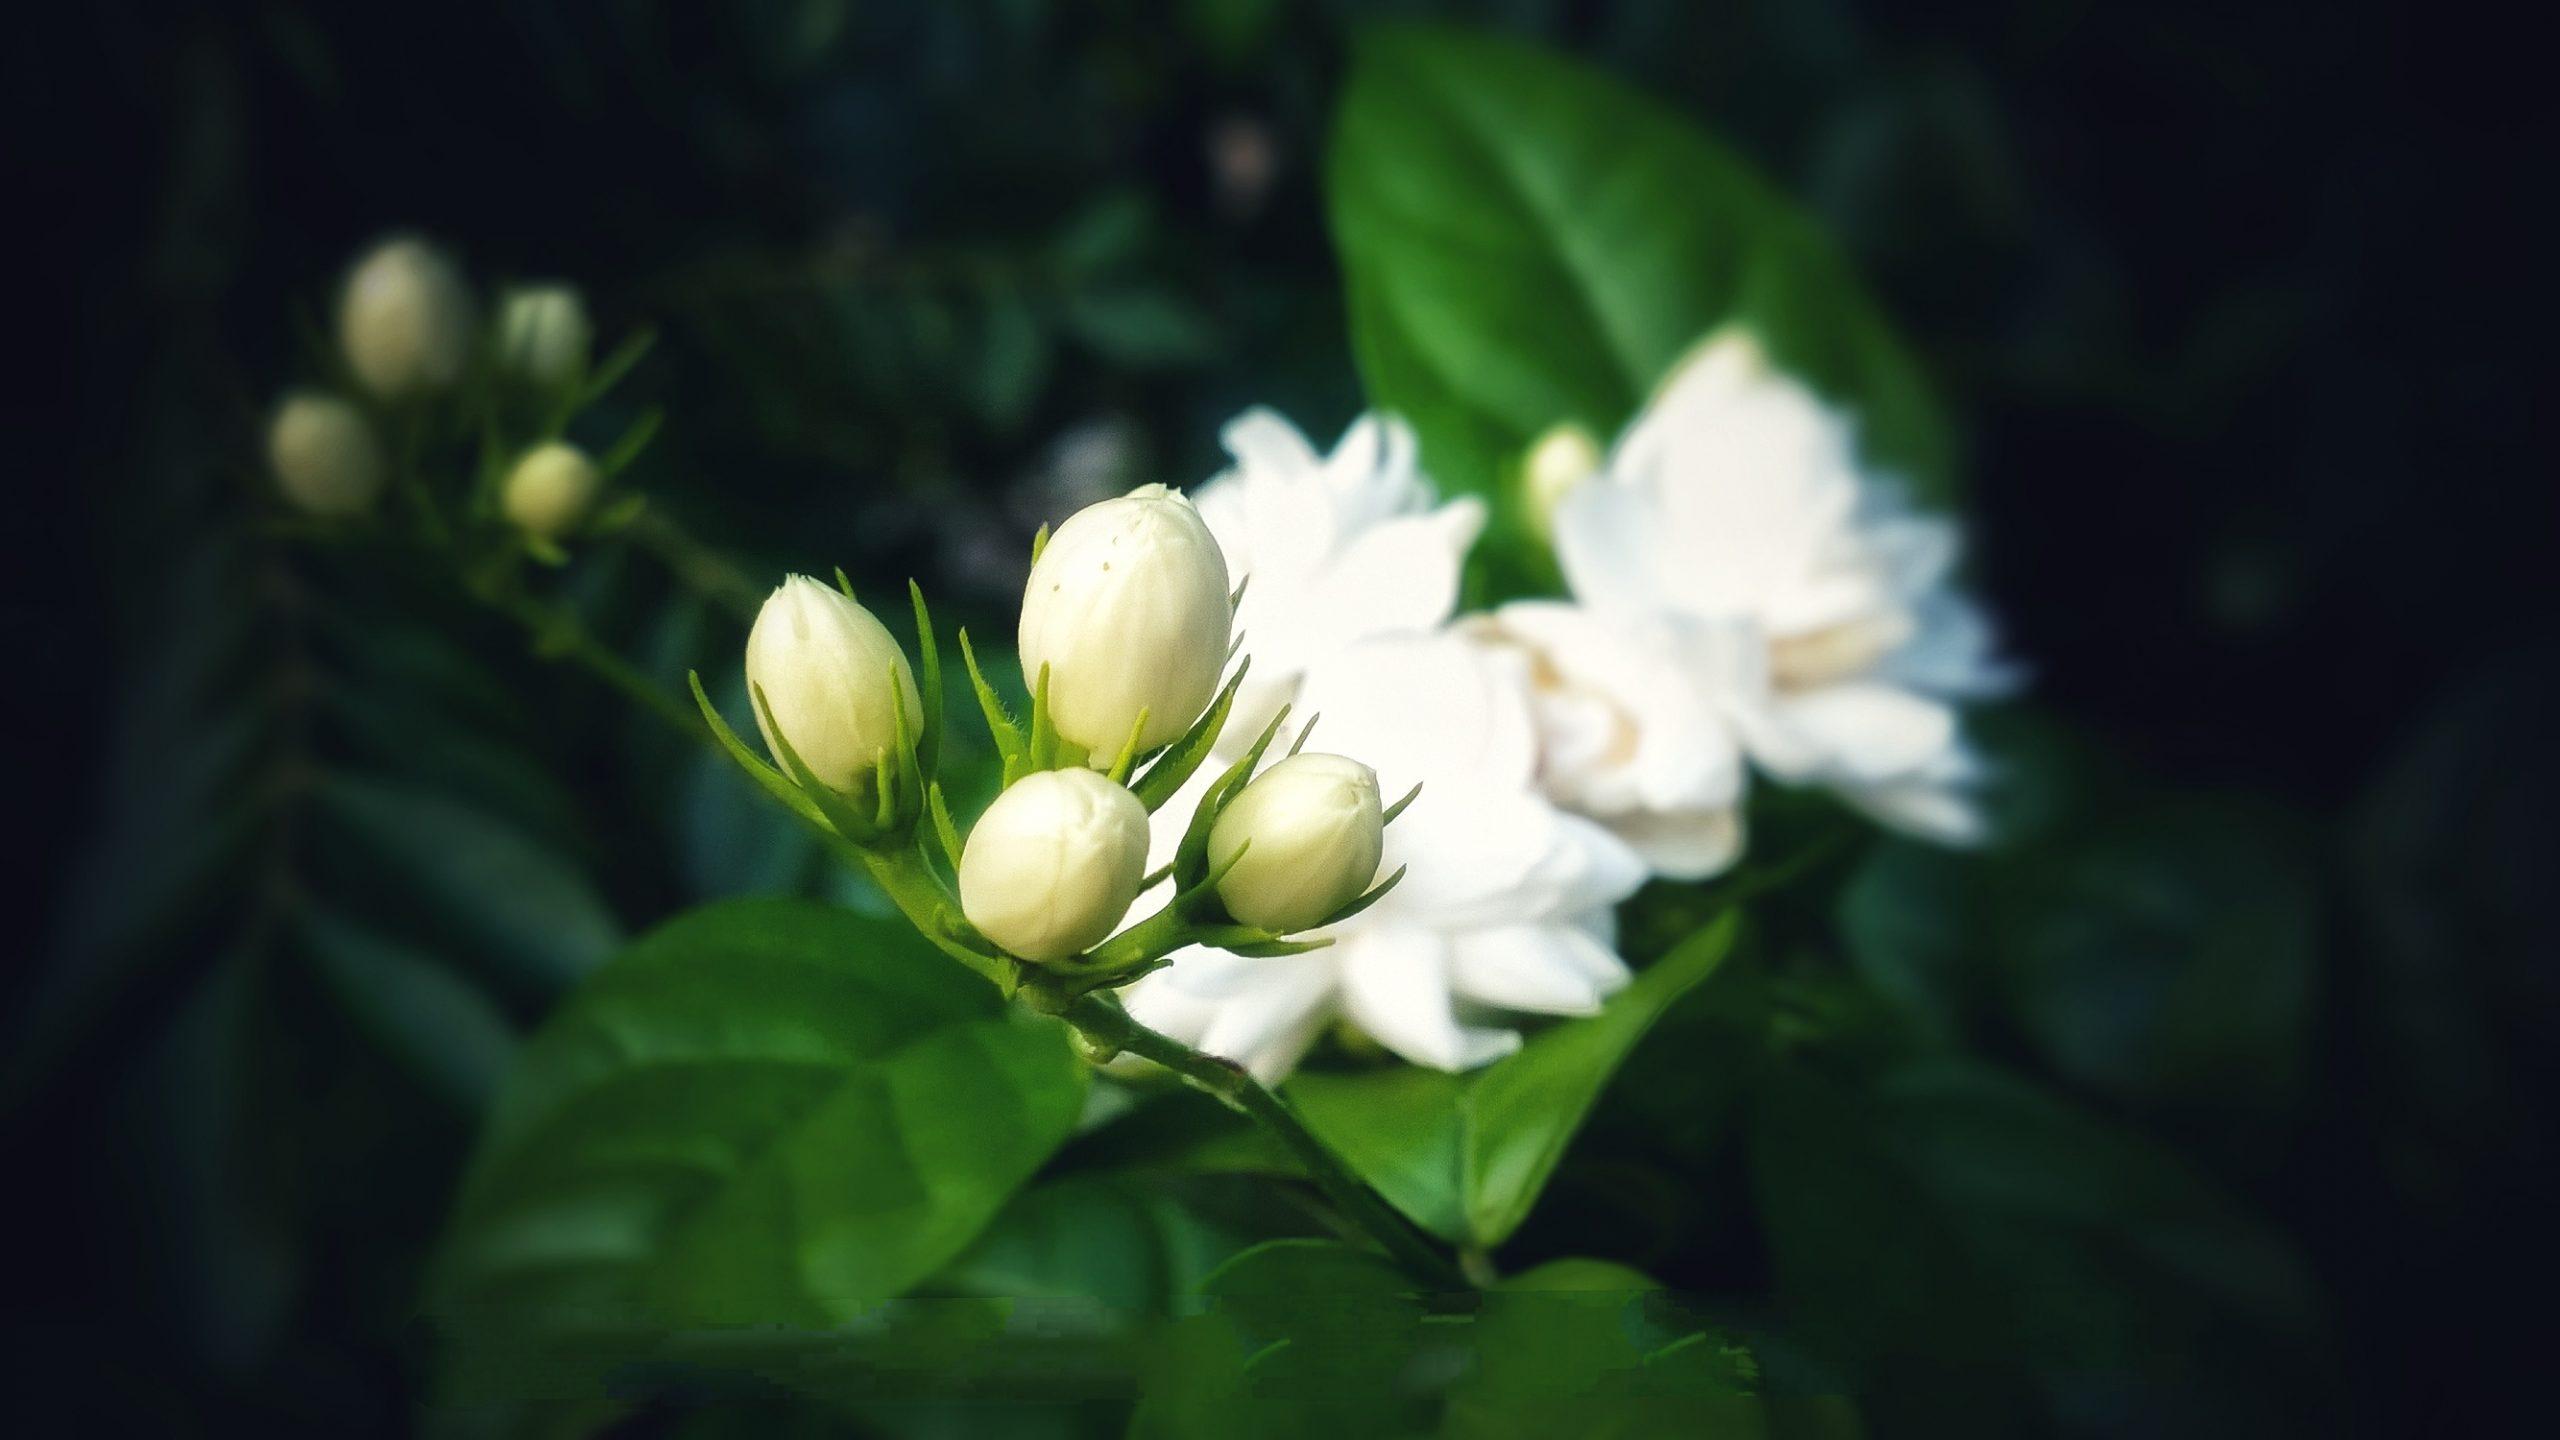 Jasmine buds